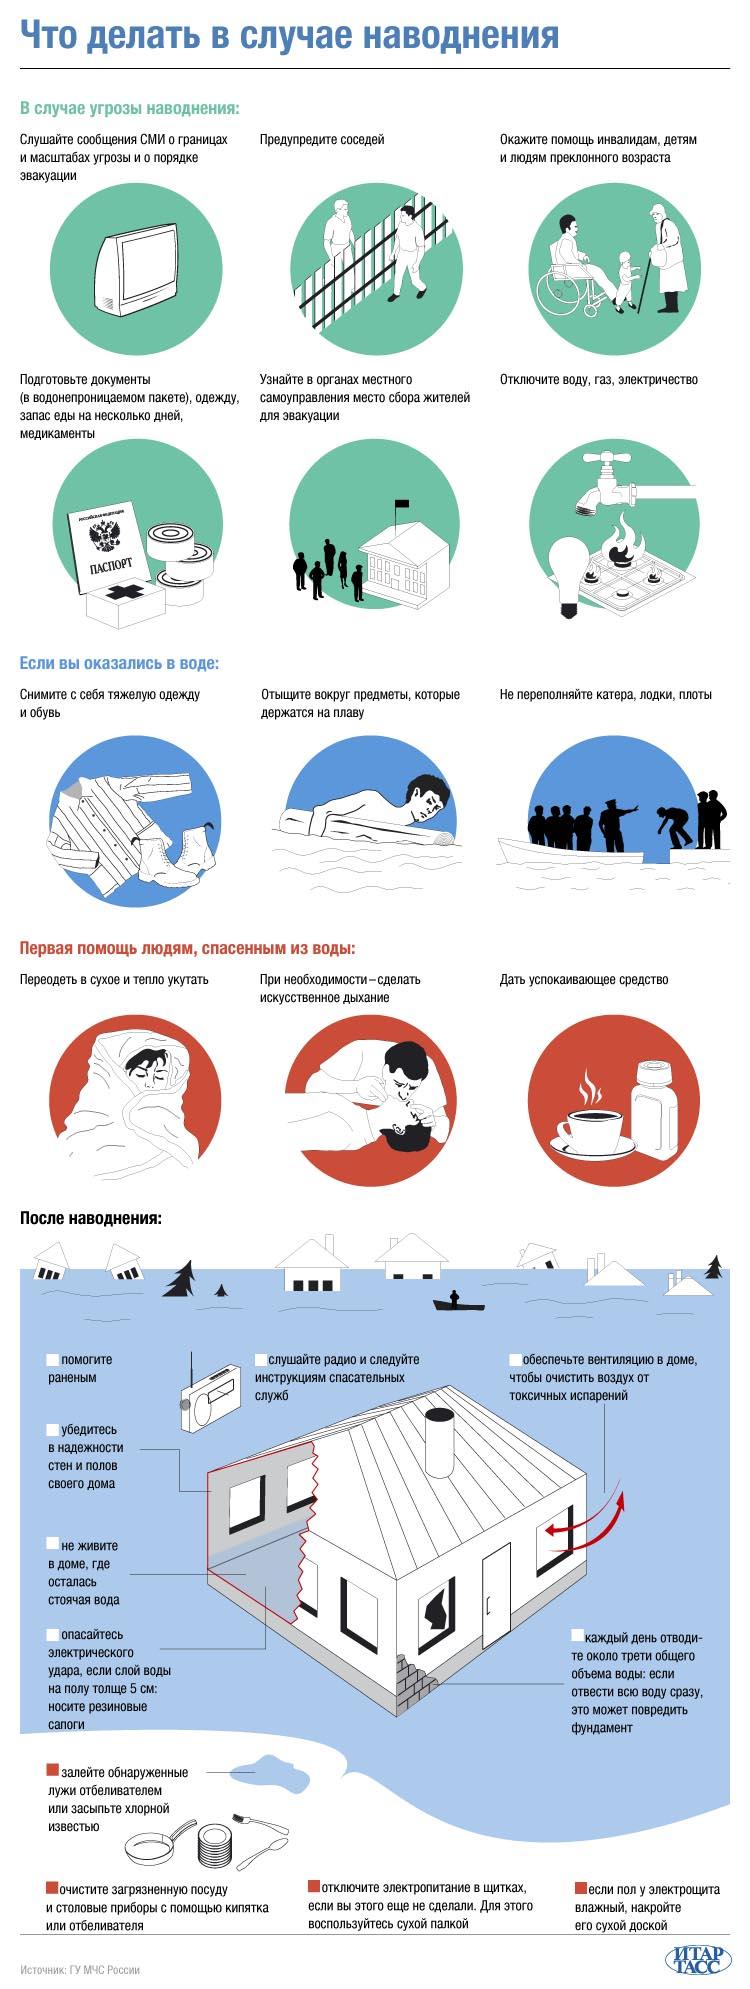 Что делать в случае наводнения